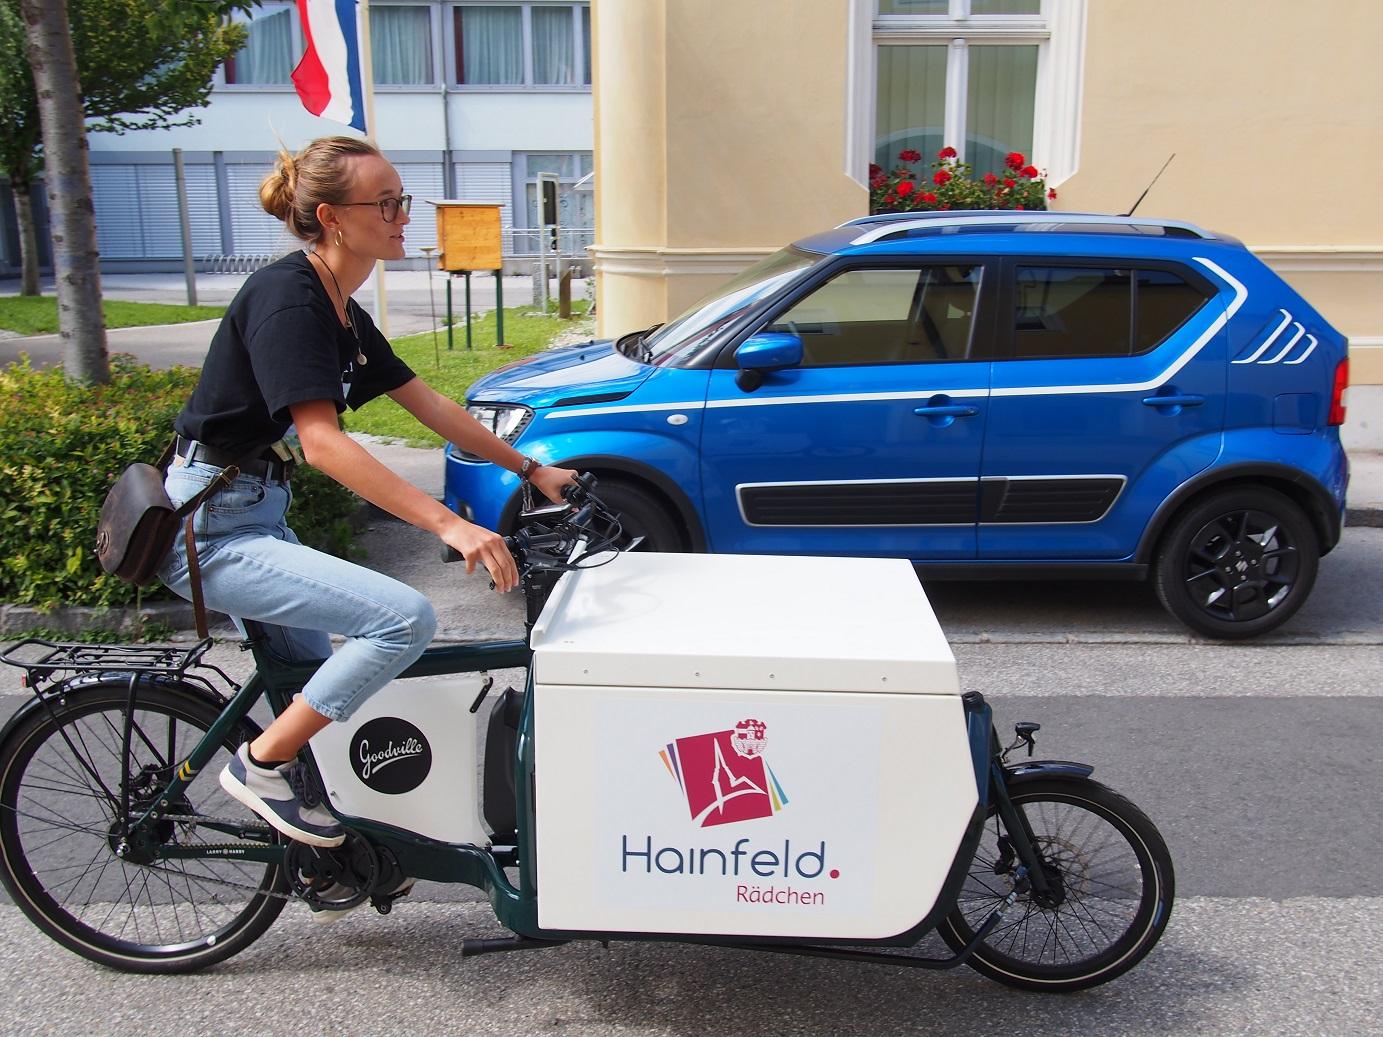 HAINFELDrädchen: ökologischer Einkaufs-, Zustell- Und Besorgungsservice Mit Dem Lastenrad!